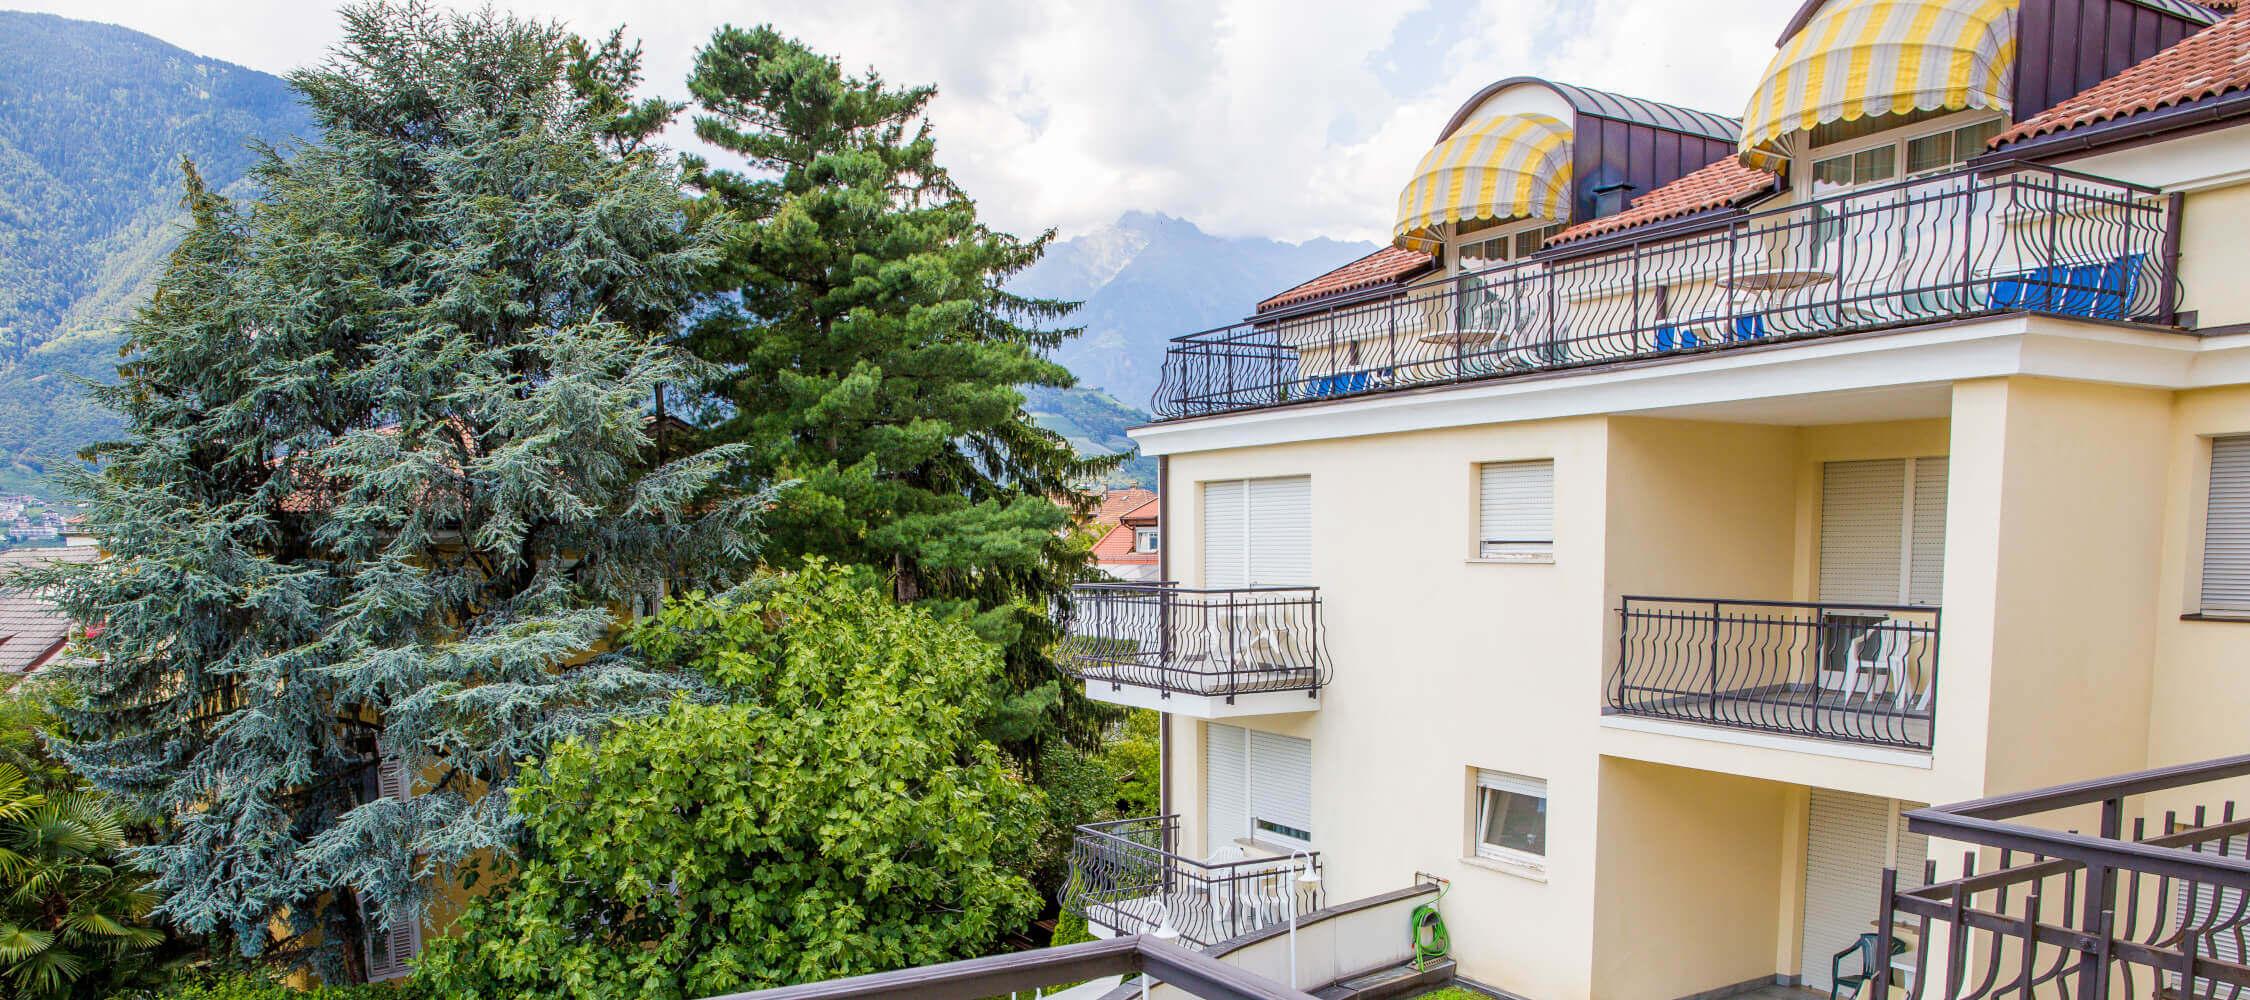 Hotel-Villa-Laurus-Merano-Rooms-Doppelzimmer-Komfort-Aria-Balkon-Panorama-Sued-Anguane-7033-2250x1000